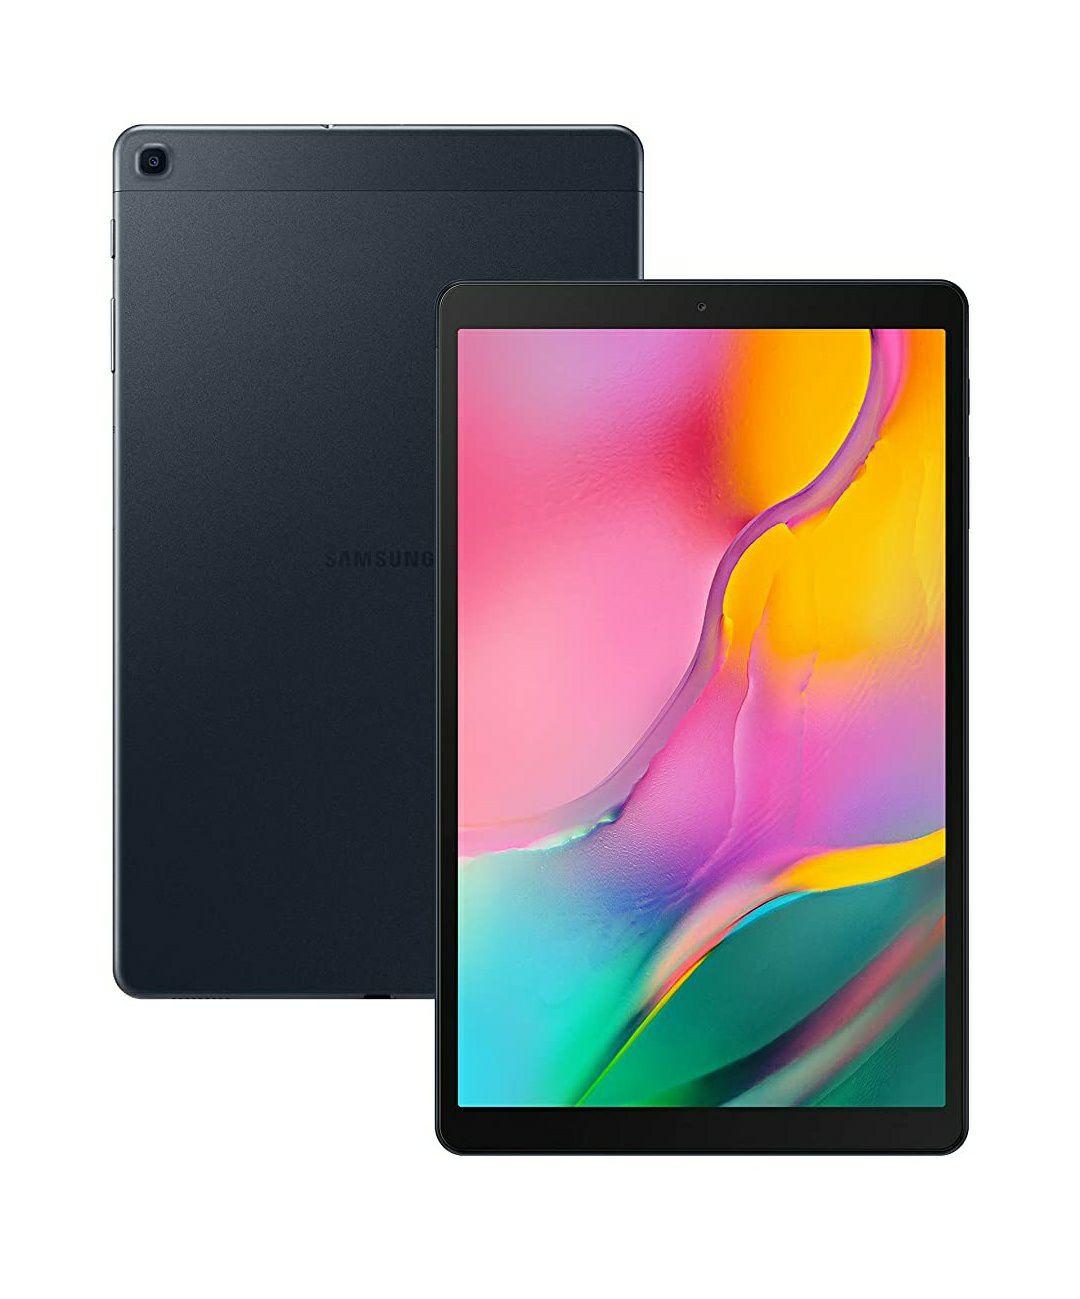 Samsung Galaxy Tab A 10.1-Inch 32 GB Wi-Fi - Black (UK Version) - £161.29 @ Amazon